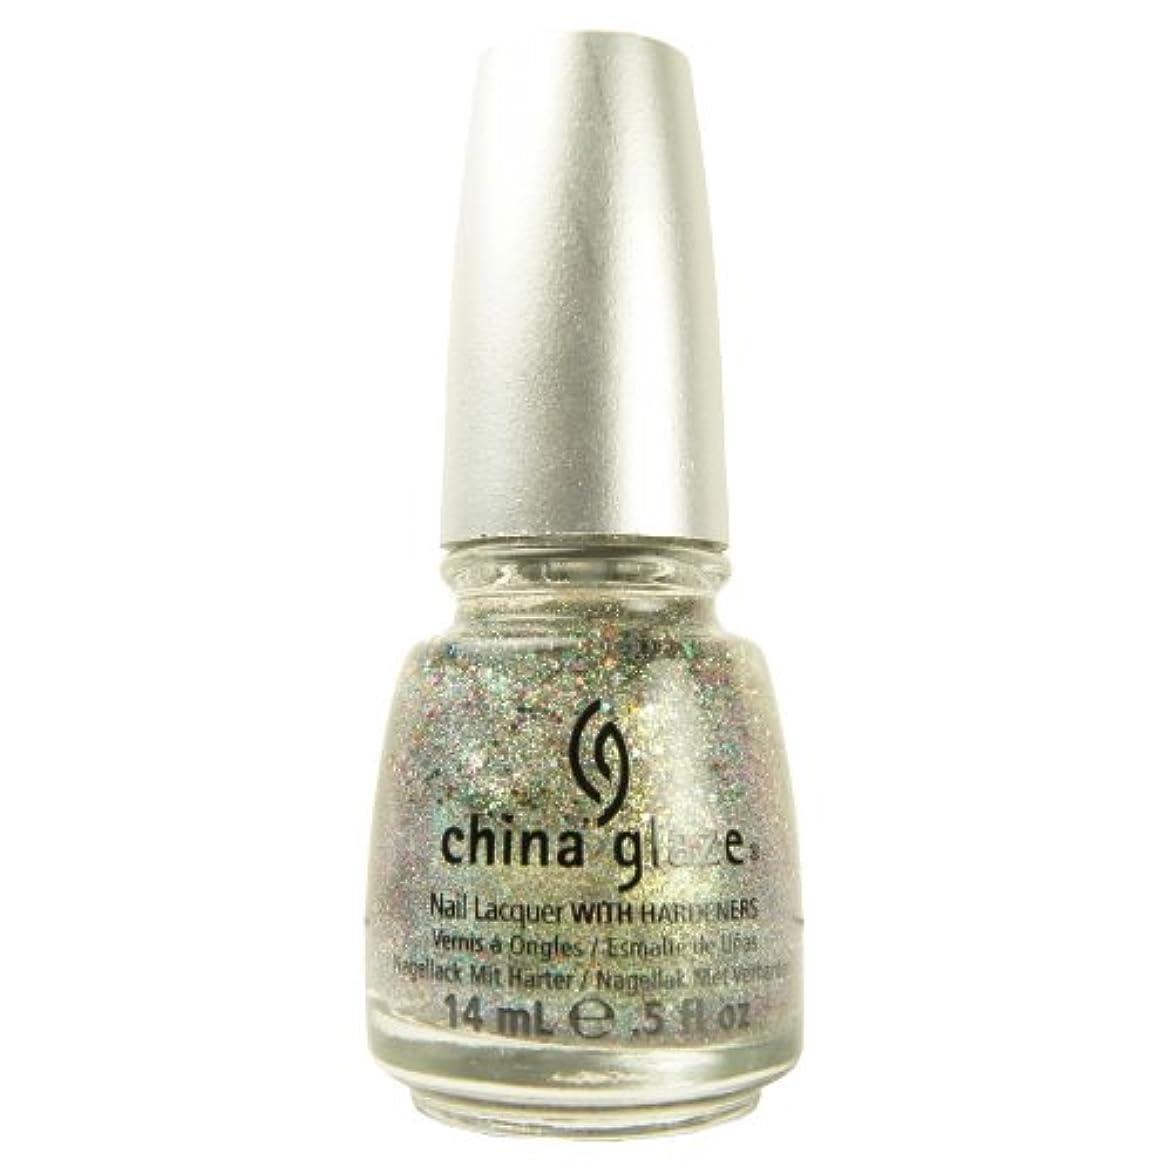 モーテル元に戻すおとこ(3 Pack) CHINA GLAZE Glitter Nail Lacquer with Nail Hardner - Ray-Diant (DC) (並行輸入品)